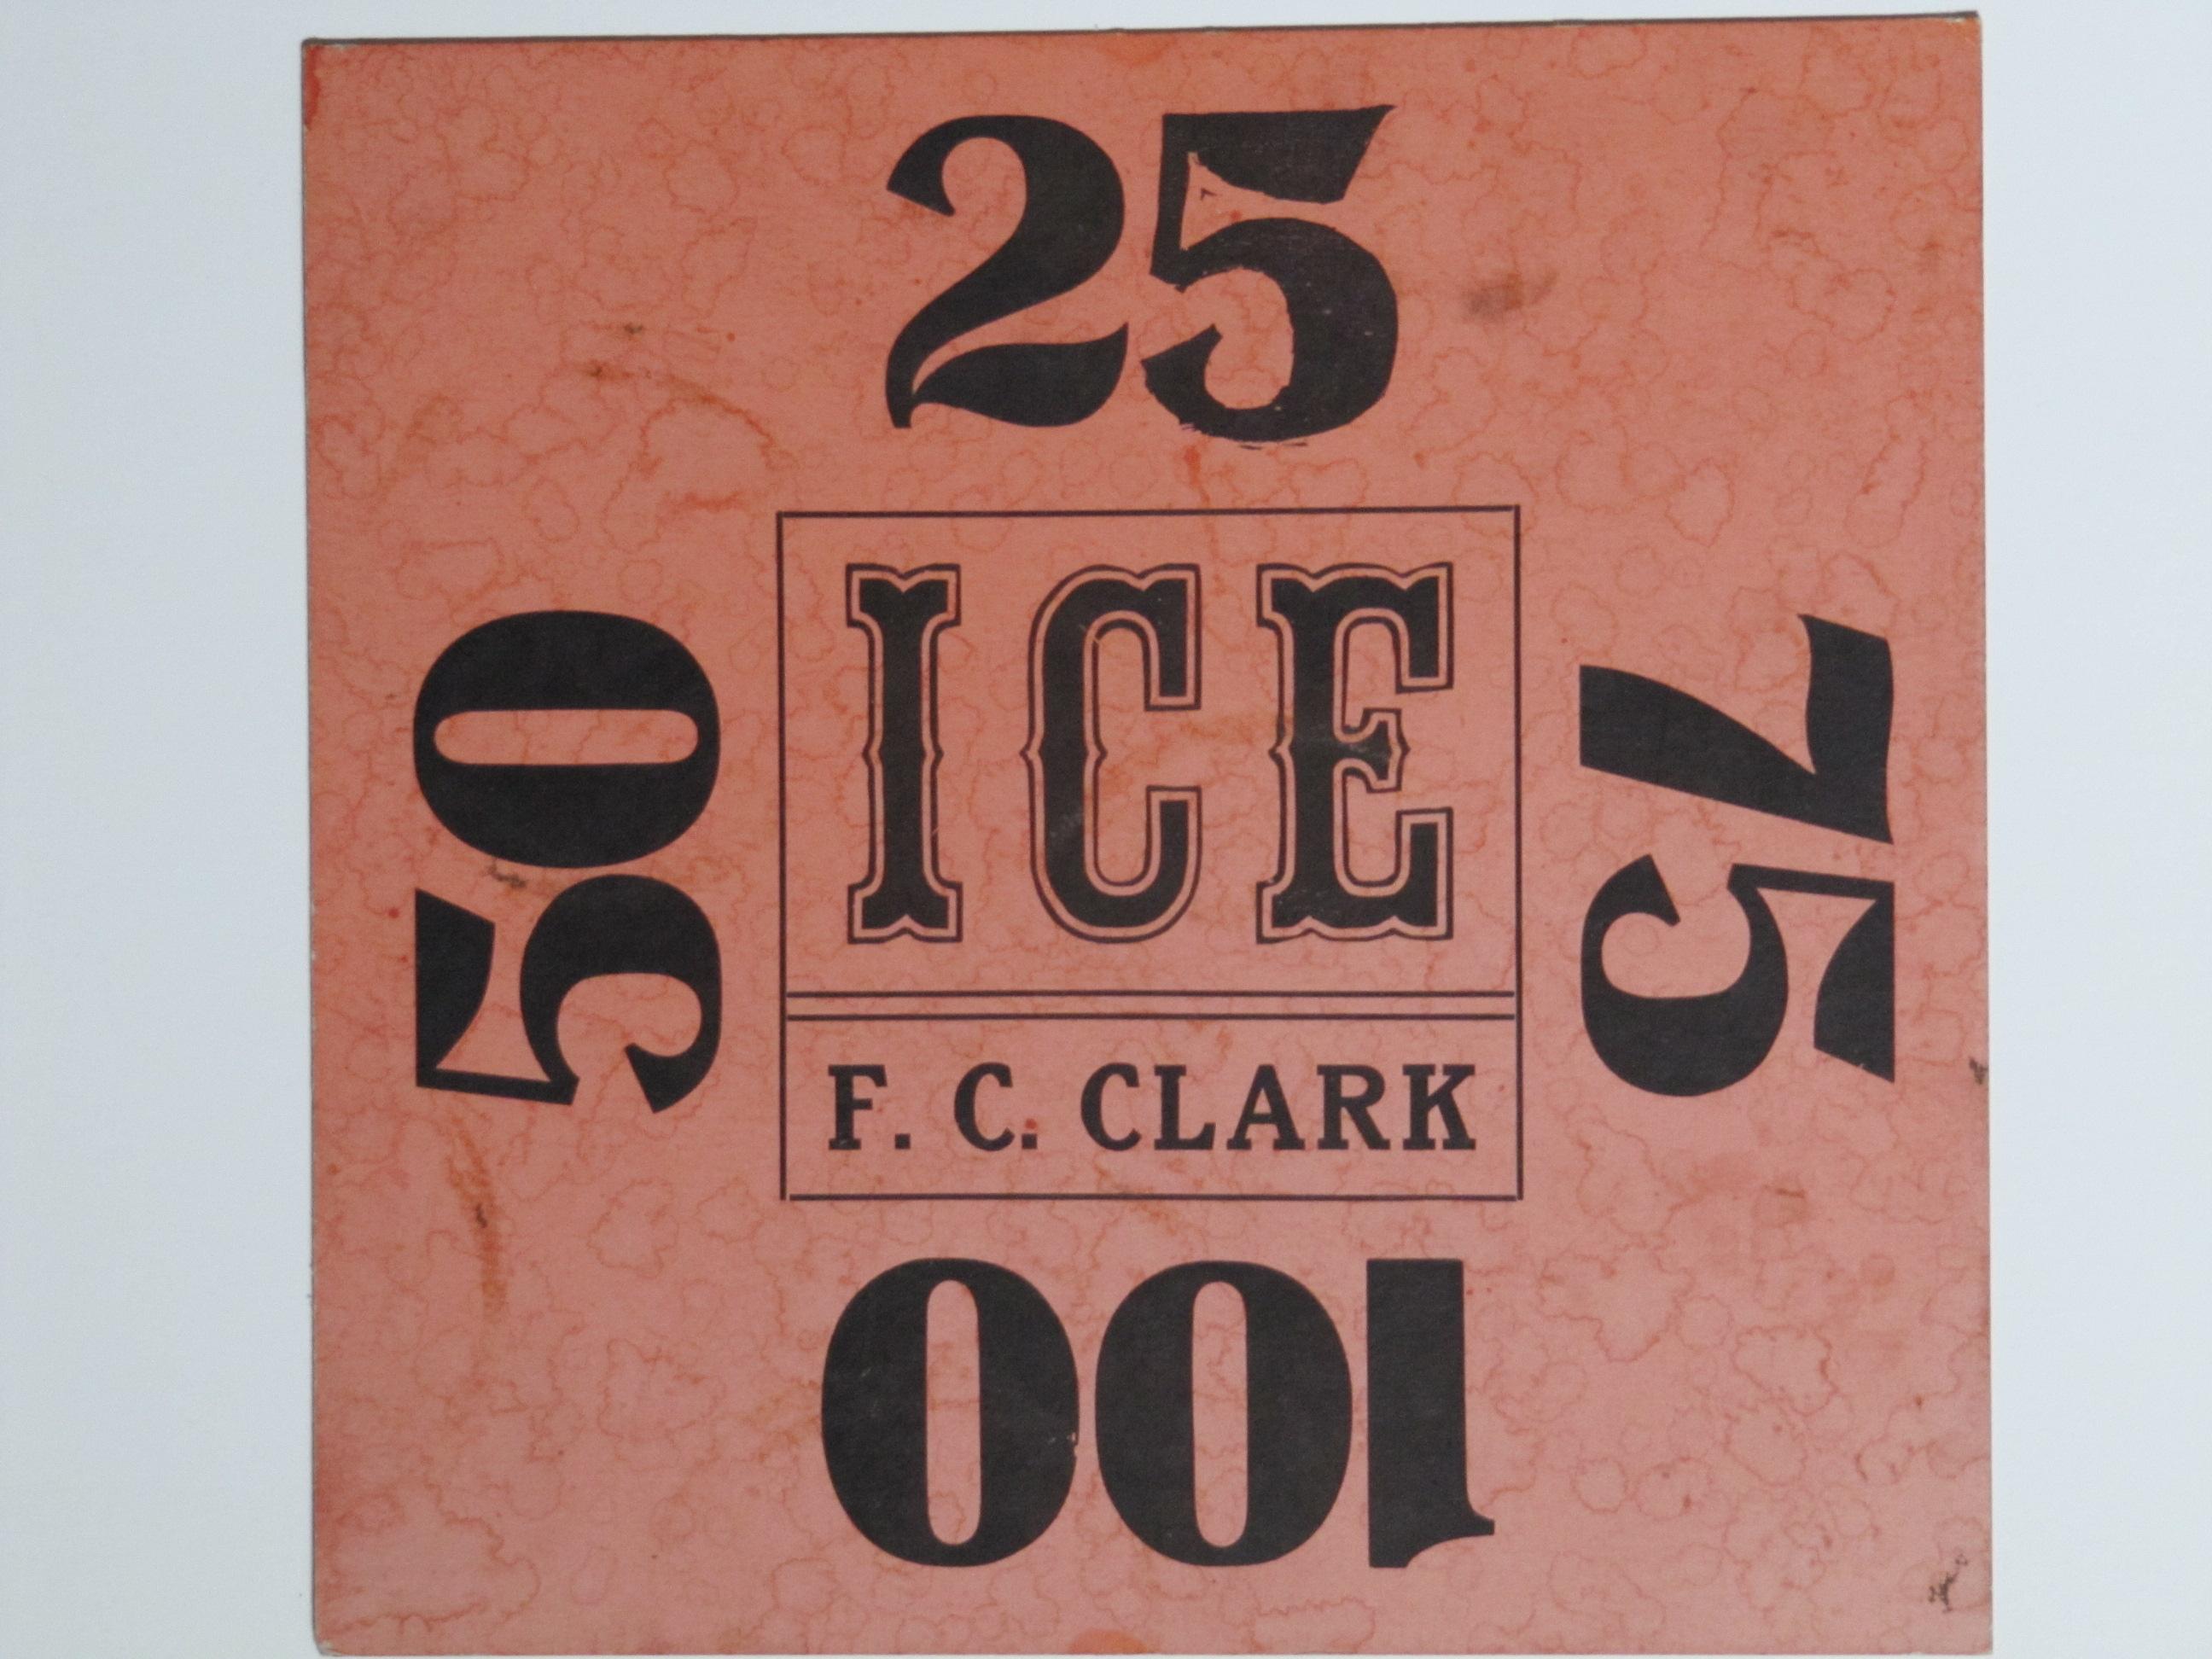 F C Clark